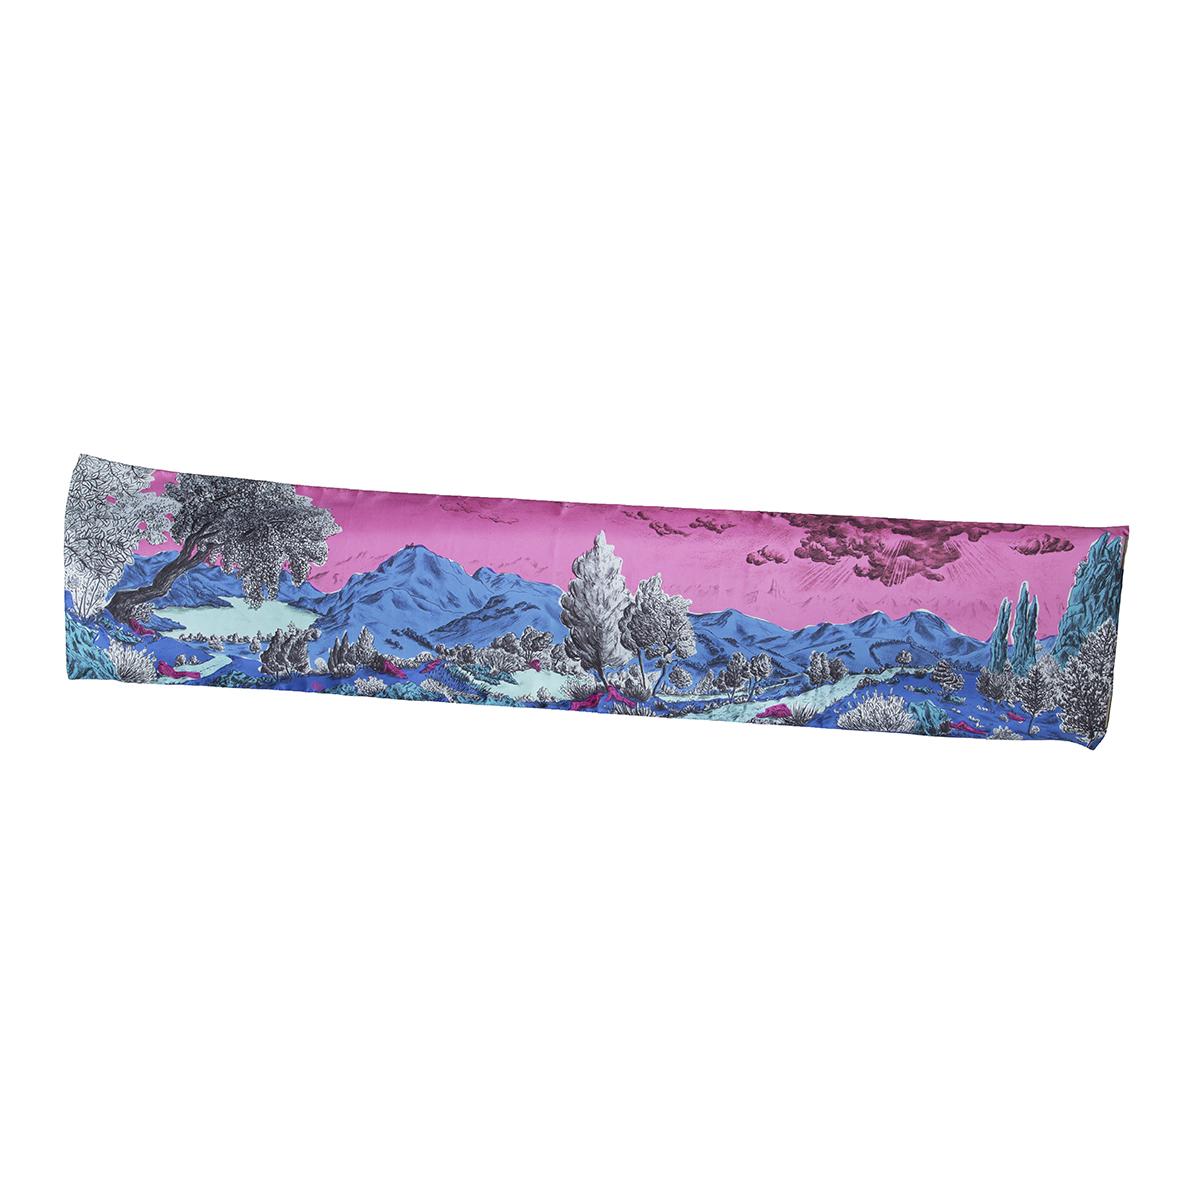 Foulard twill de soie Dormeurs Rose Bleu